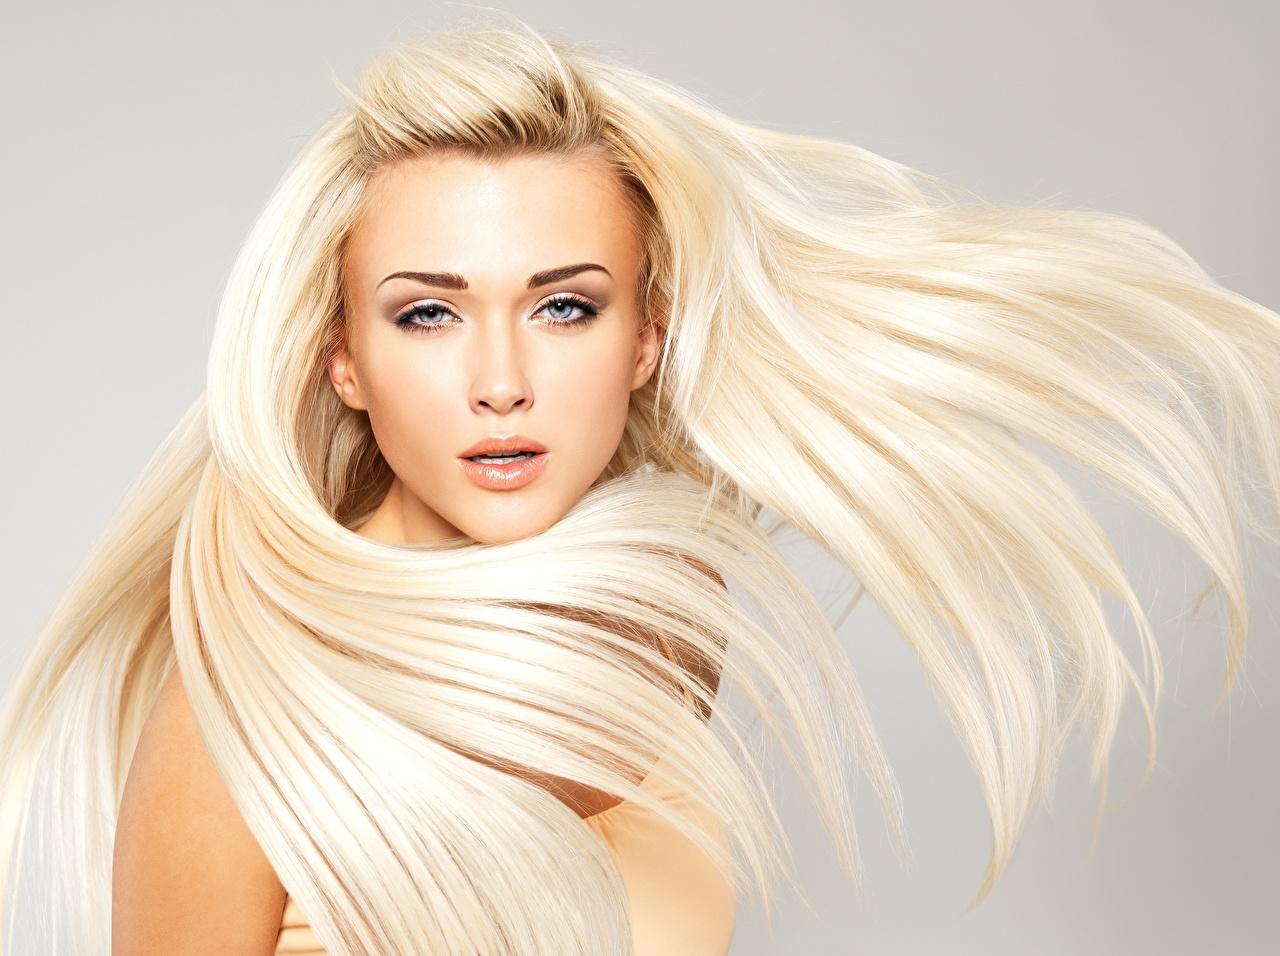 Fotos Blond Mädchen Model schönes Frisuren Haar junge frau Starren Blondine Schön hübsch schöne hübsche schöner hübscher Frisur Mädchens junge Frauen Blick